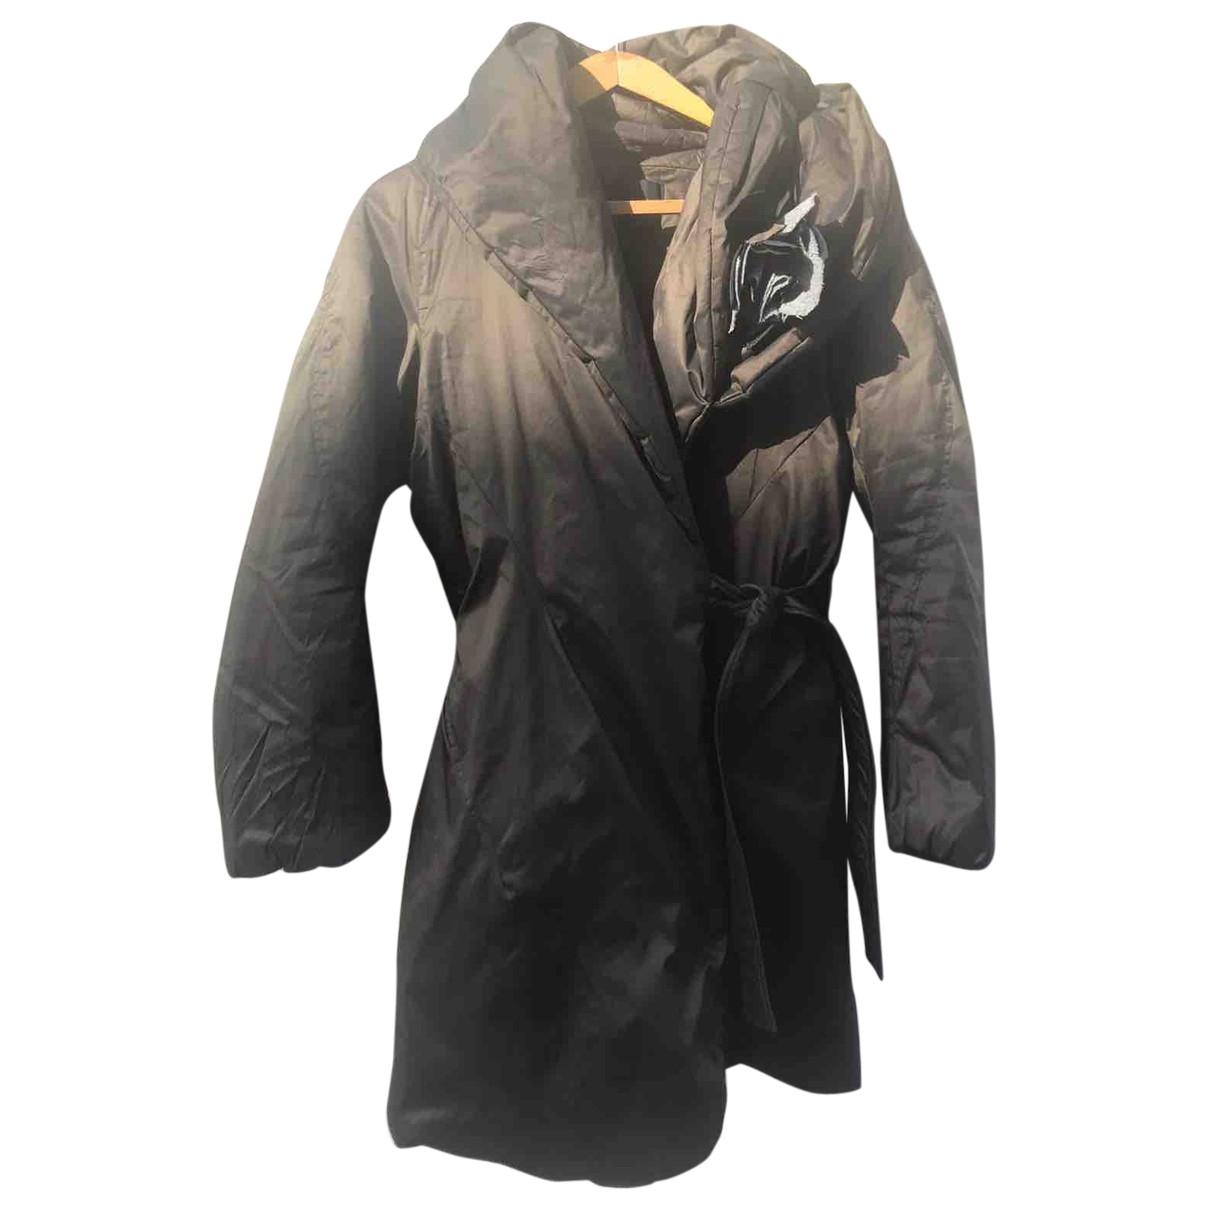 Ermanno Scervino \N Brown coat for Women 46 IT